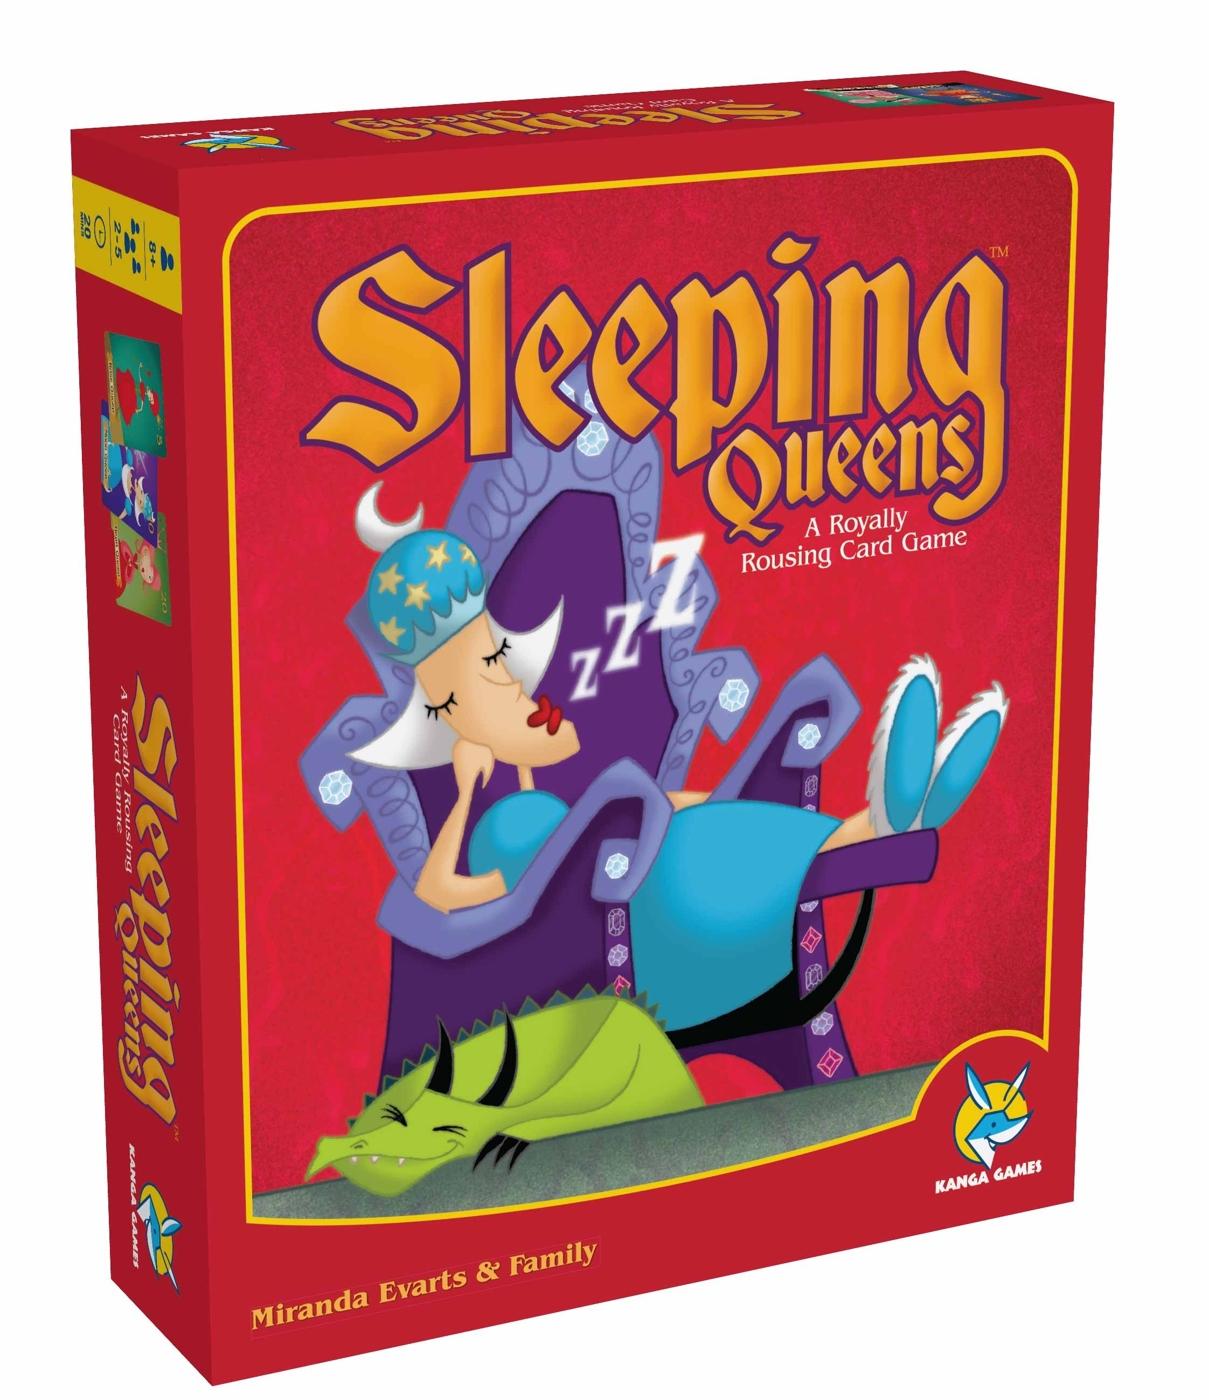 楷樂沉睡皇后Sleeping Queens-繁中正版桌遊德國兒童益智遊戲中壢可樂農莊